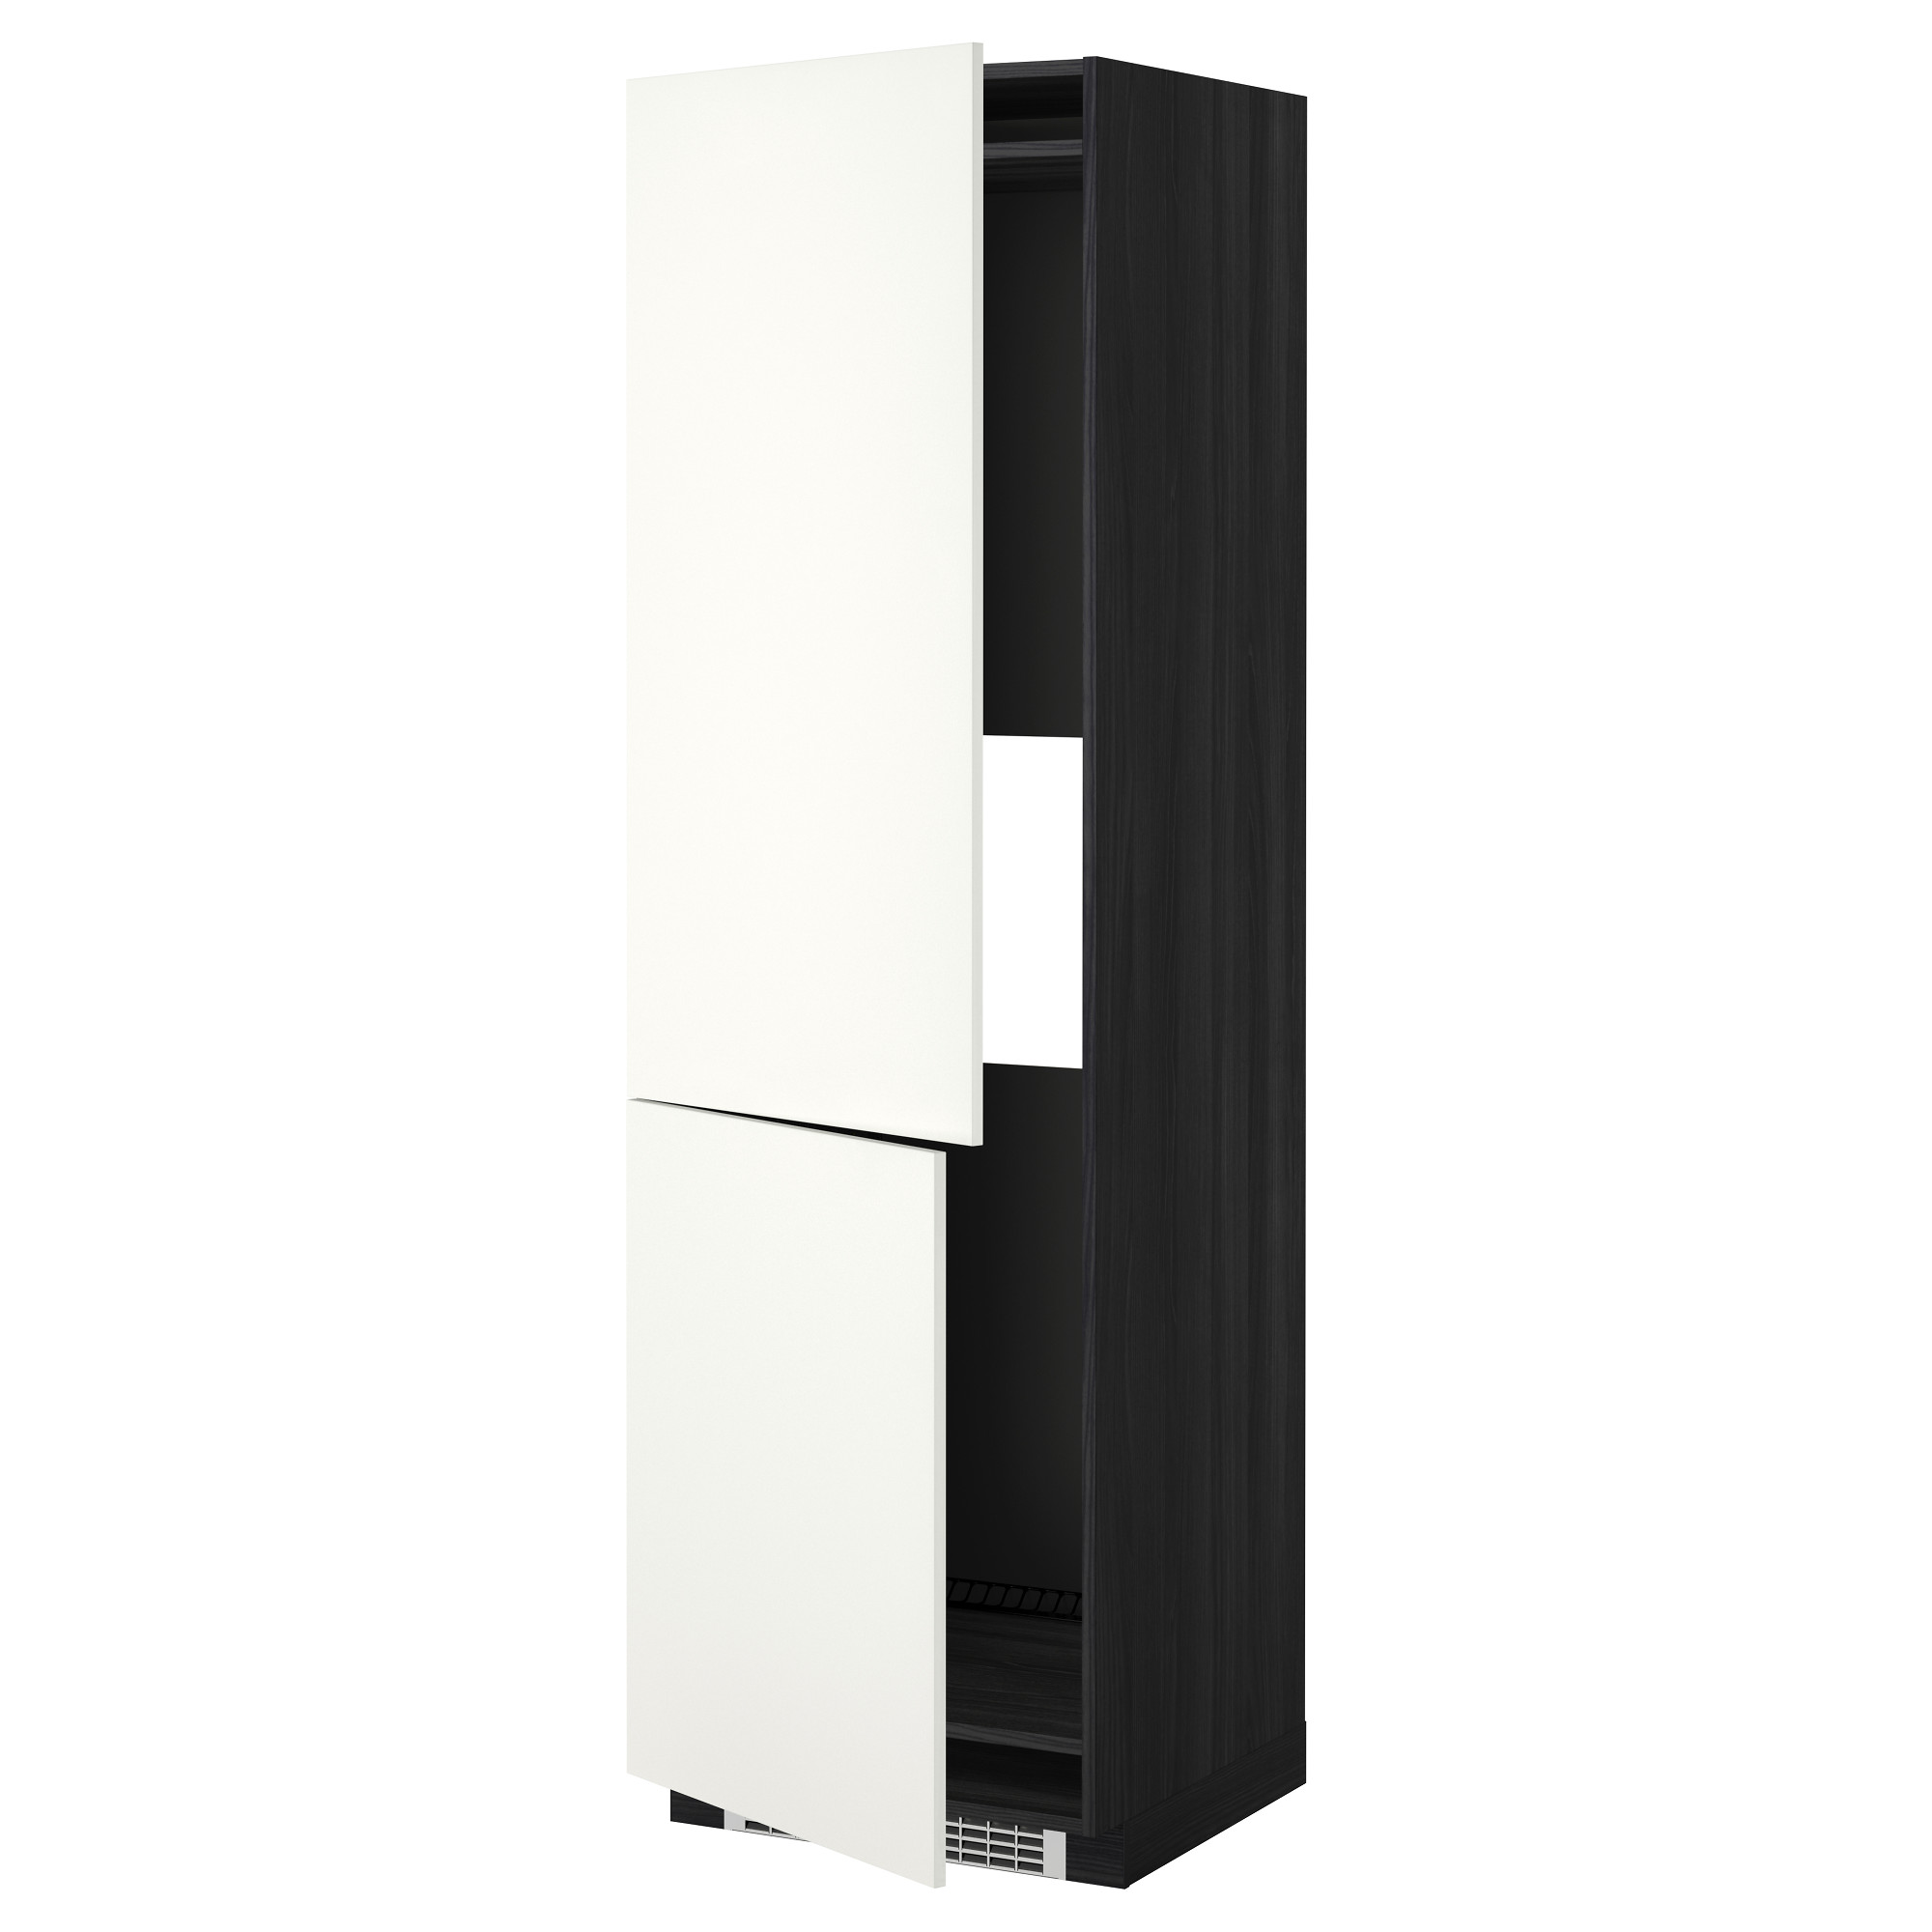 Высокий шкаф для холодильника или морозильник МЕТОД черный артикуль № 692.262.47 в наличии. Online сайт IKEA РБ. Быстрая доставка и установка.